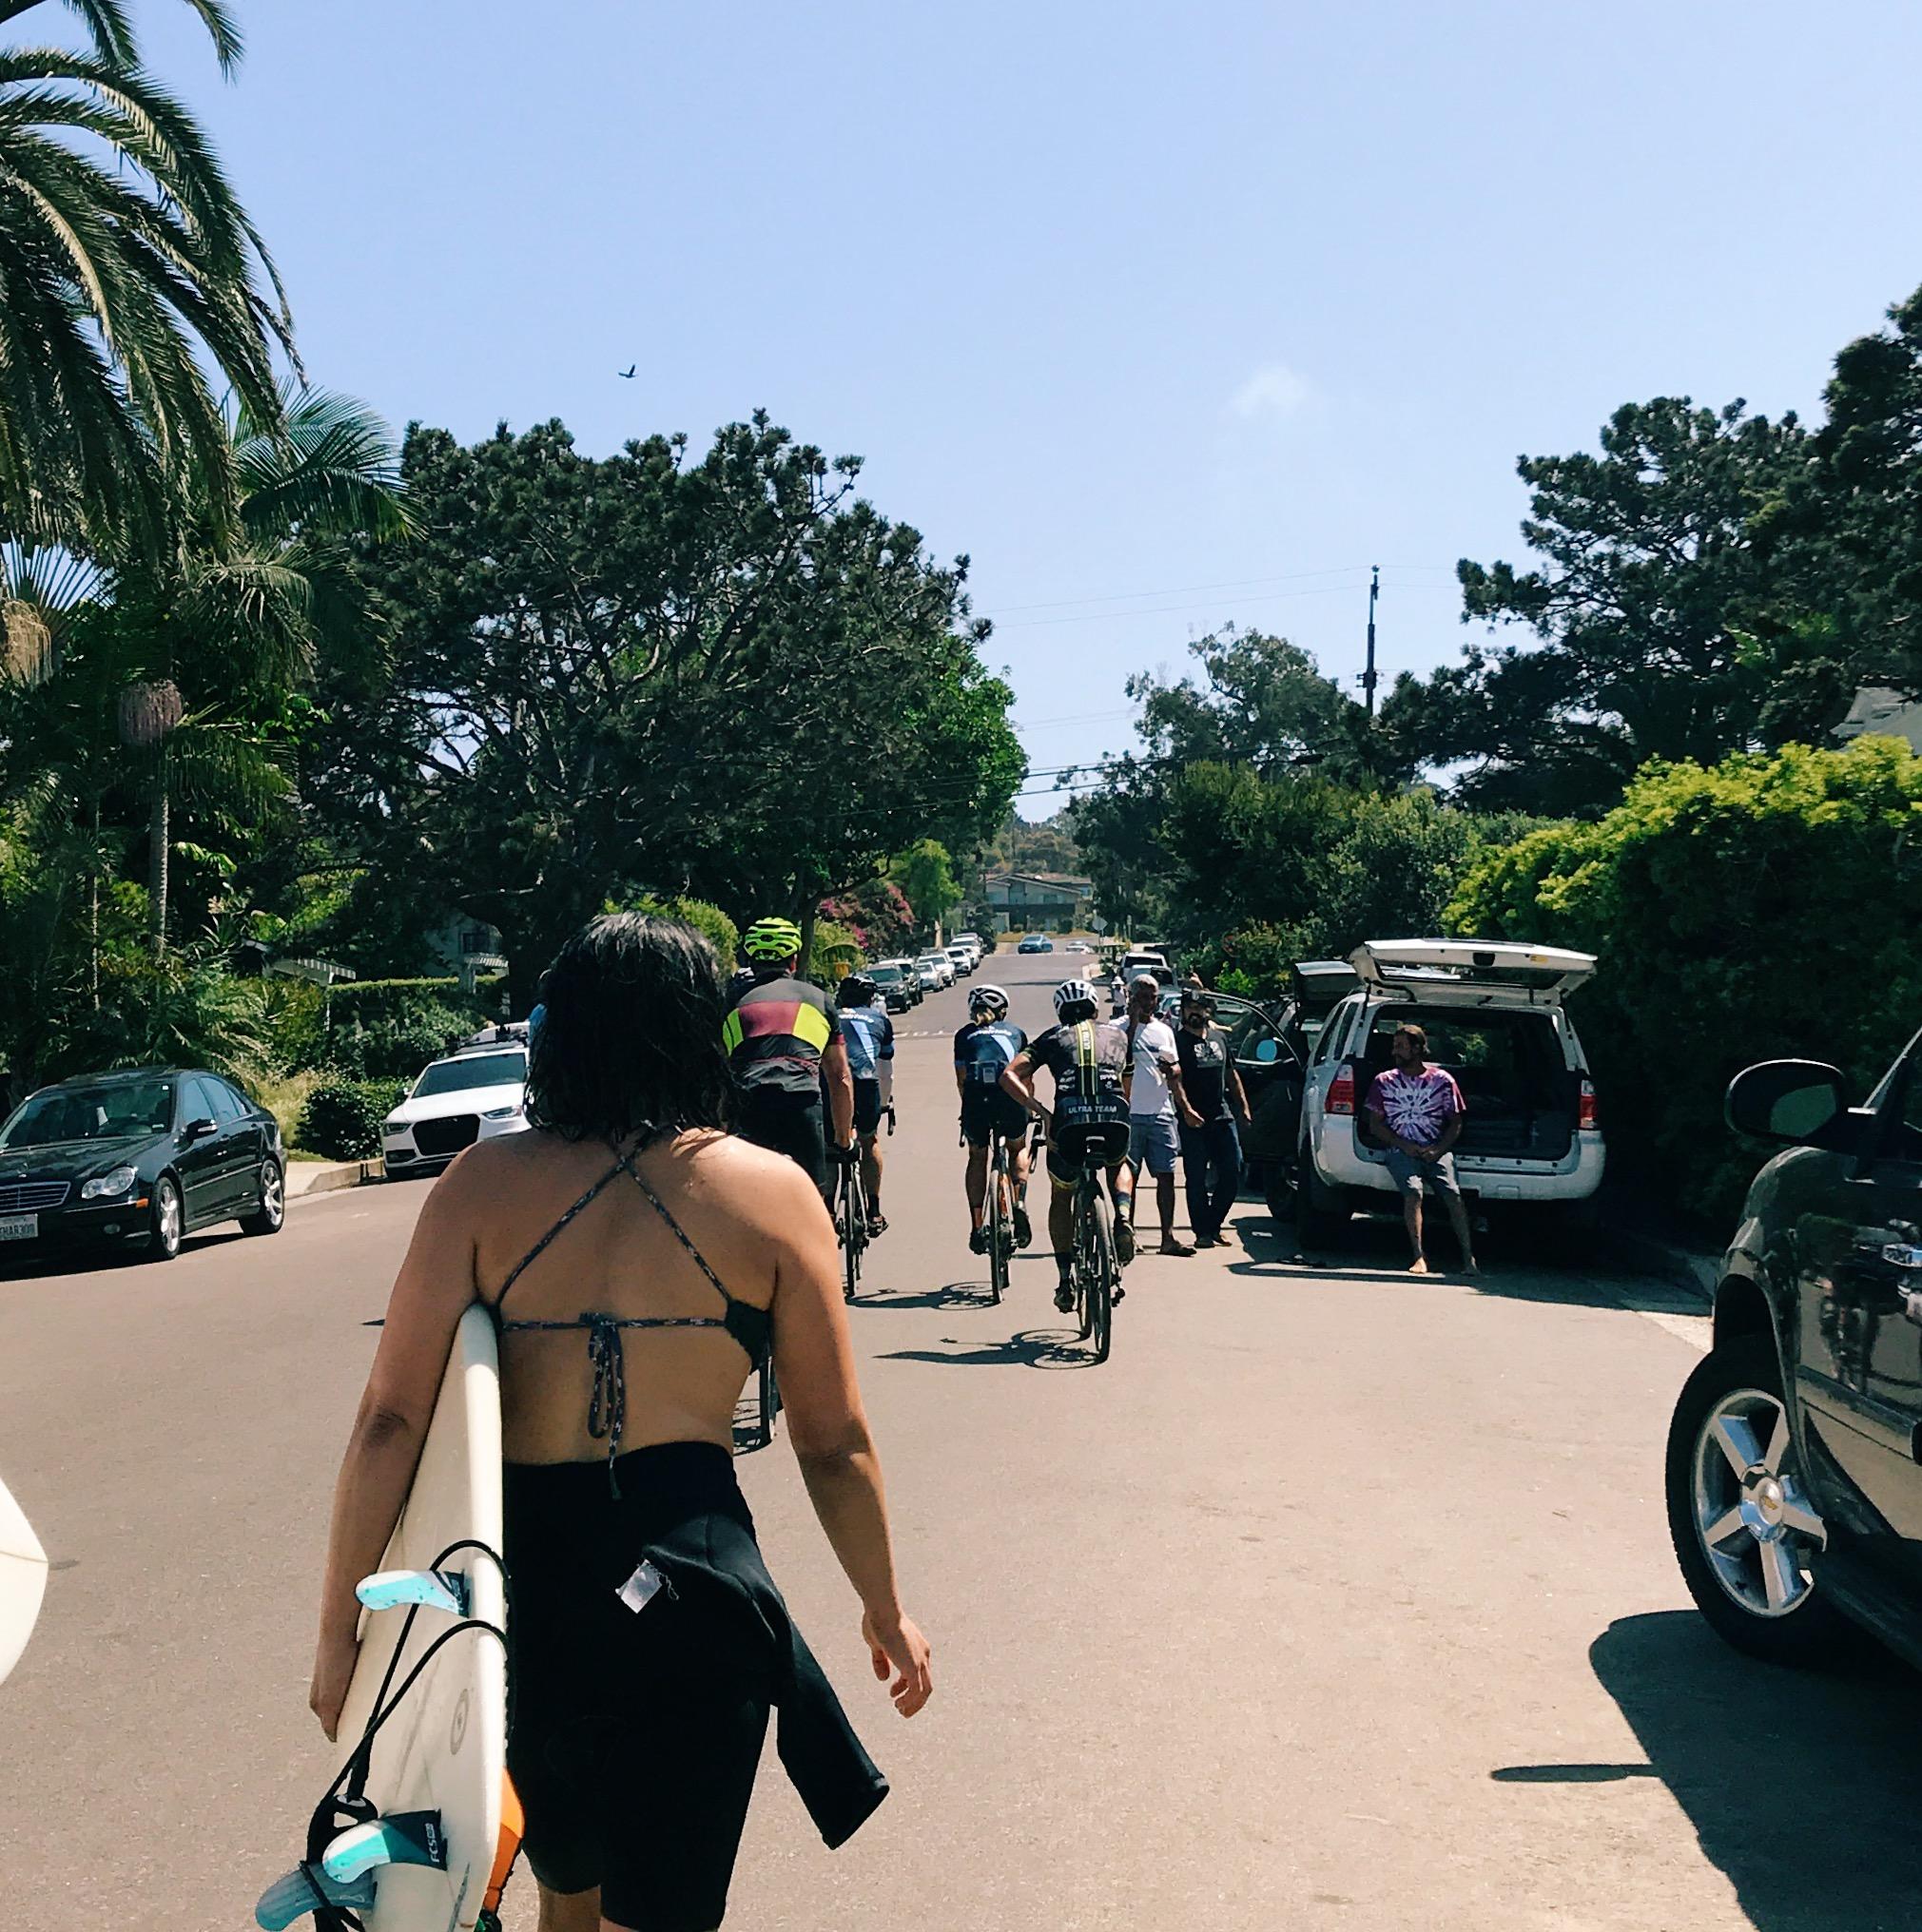 Passing surfer girl in Solana Beach, California, how do you gravel?